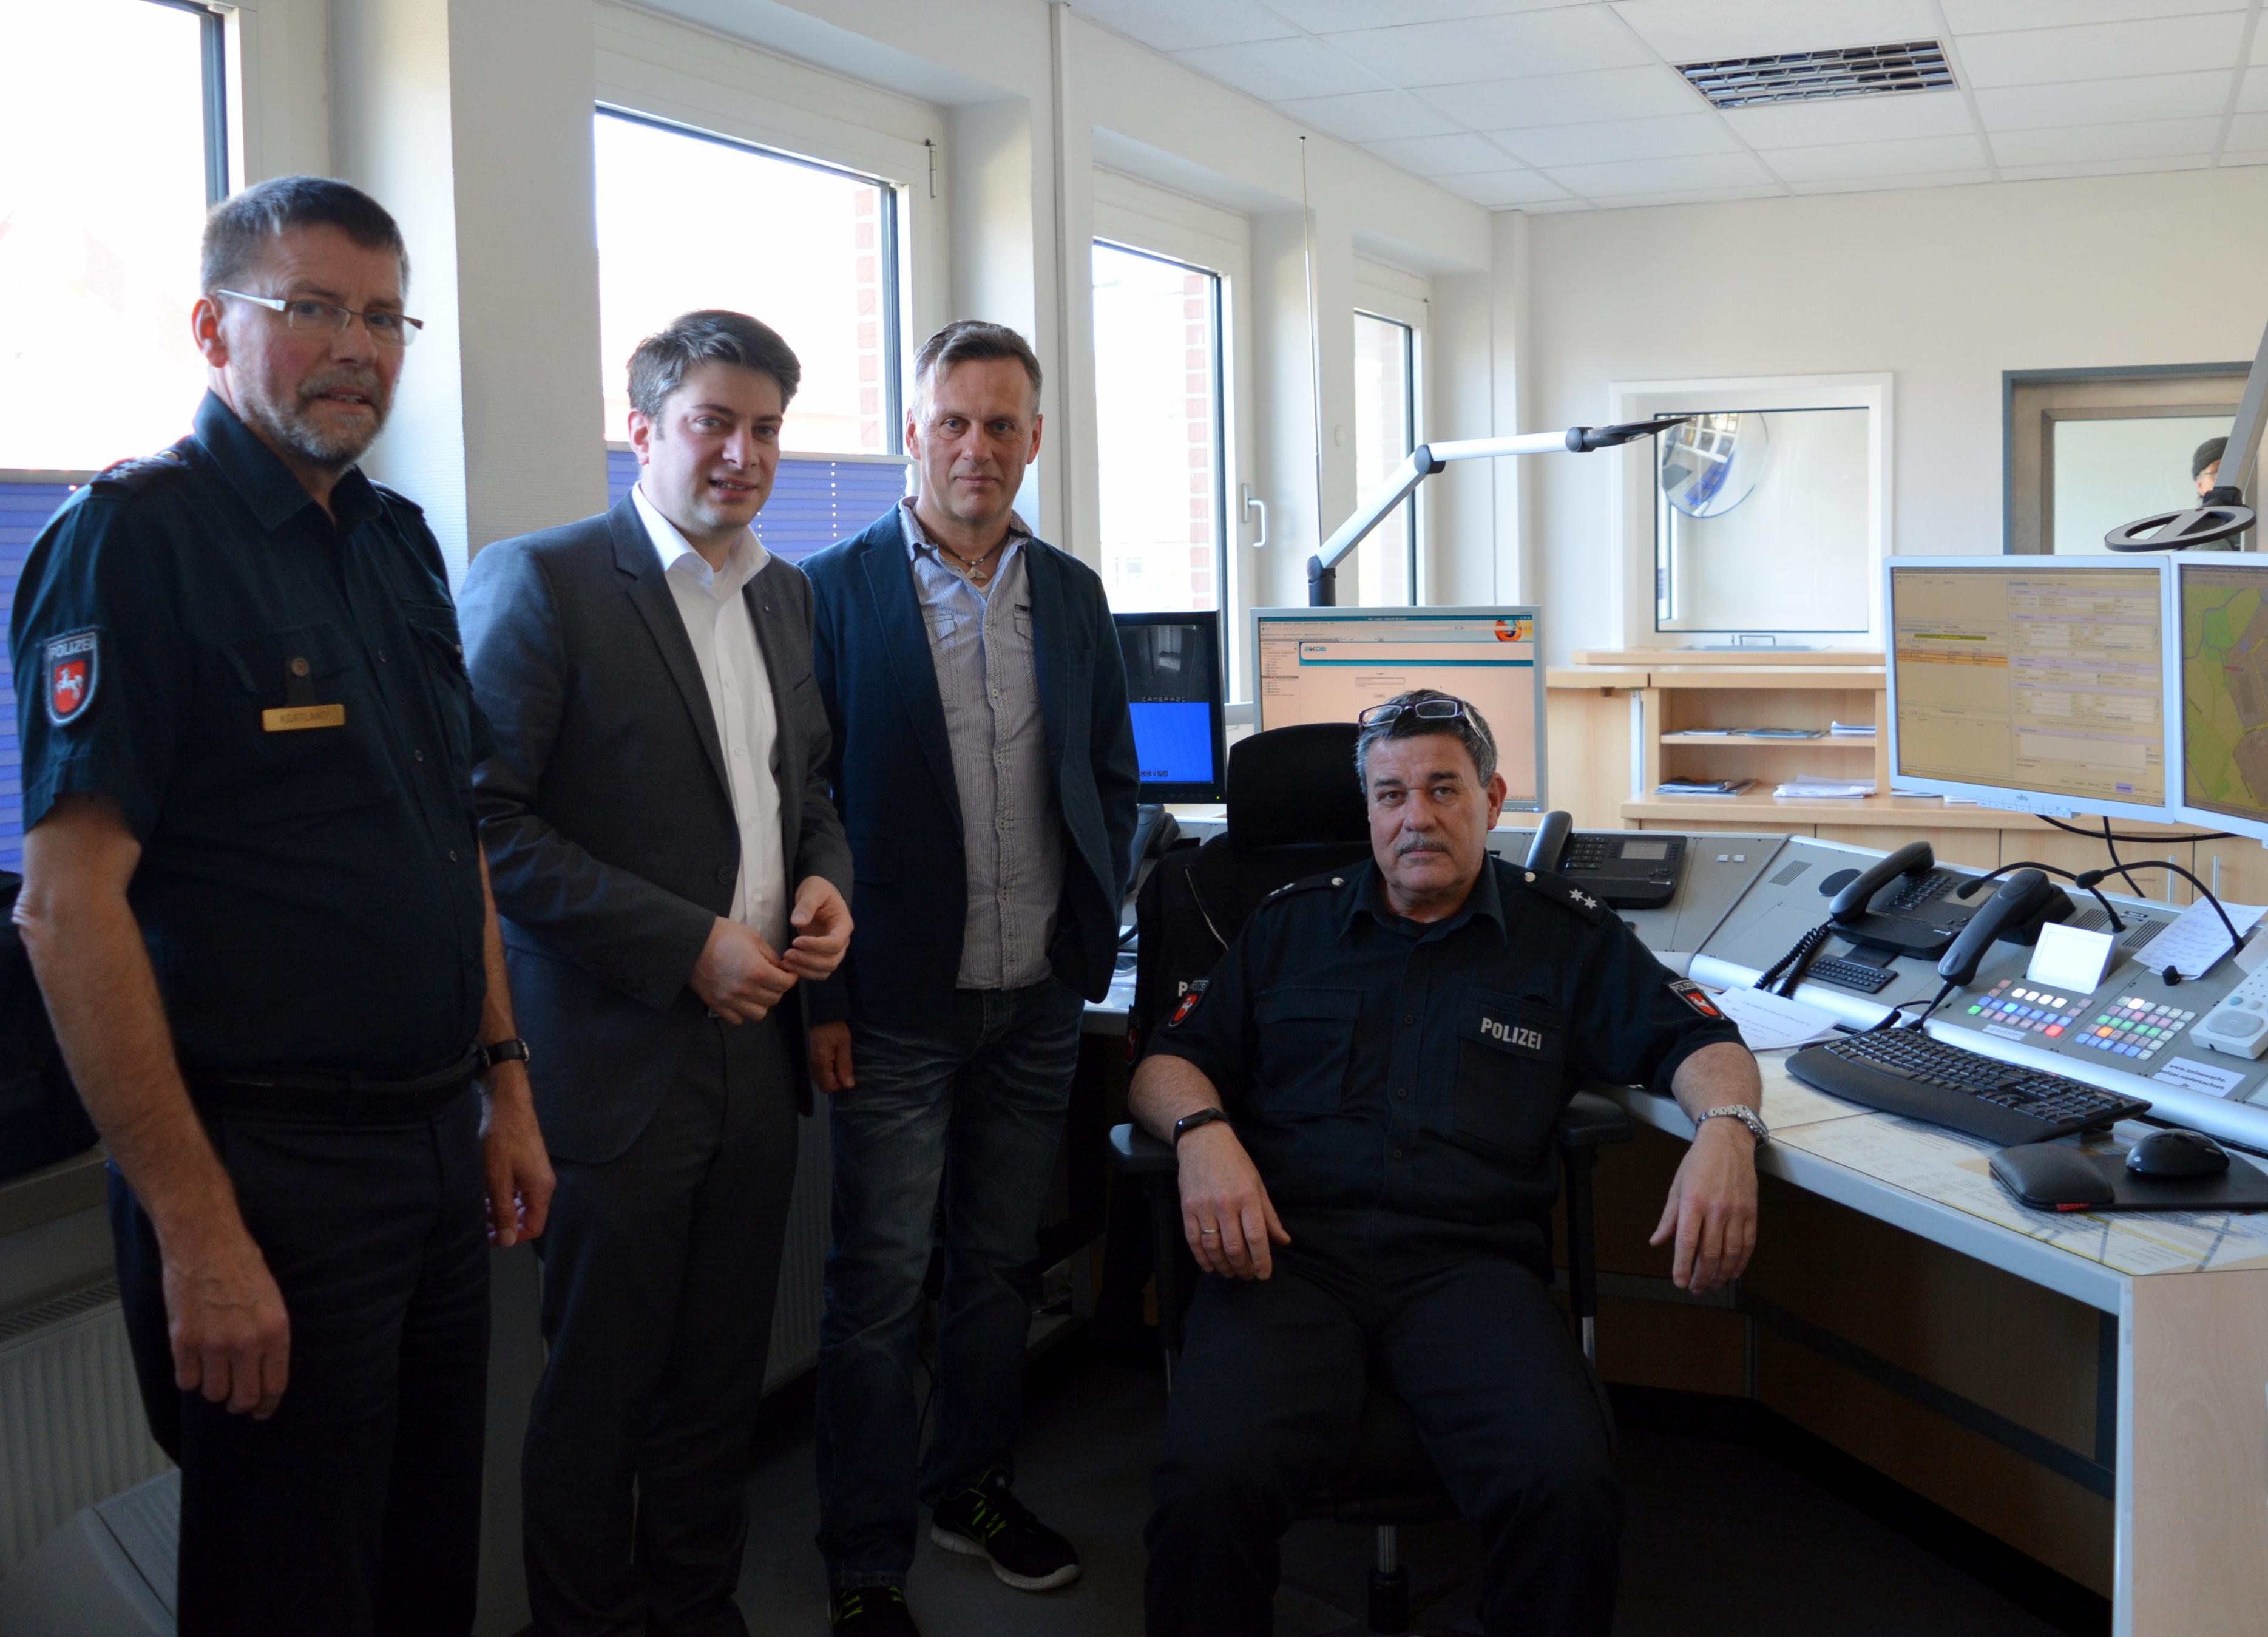 Information vor Ort: Auch die Wache des Polizeikommissariates Bersenbrück besuchte der Landtagsabgeordnete Christian Calderone (2. von links) zusam-men mit Hubert Kortland und Reinhold Hagen (von links) und schaute dabei Horst Buron über die Schulter.